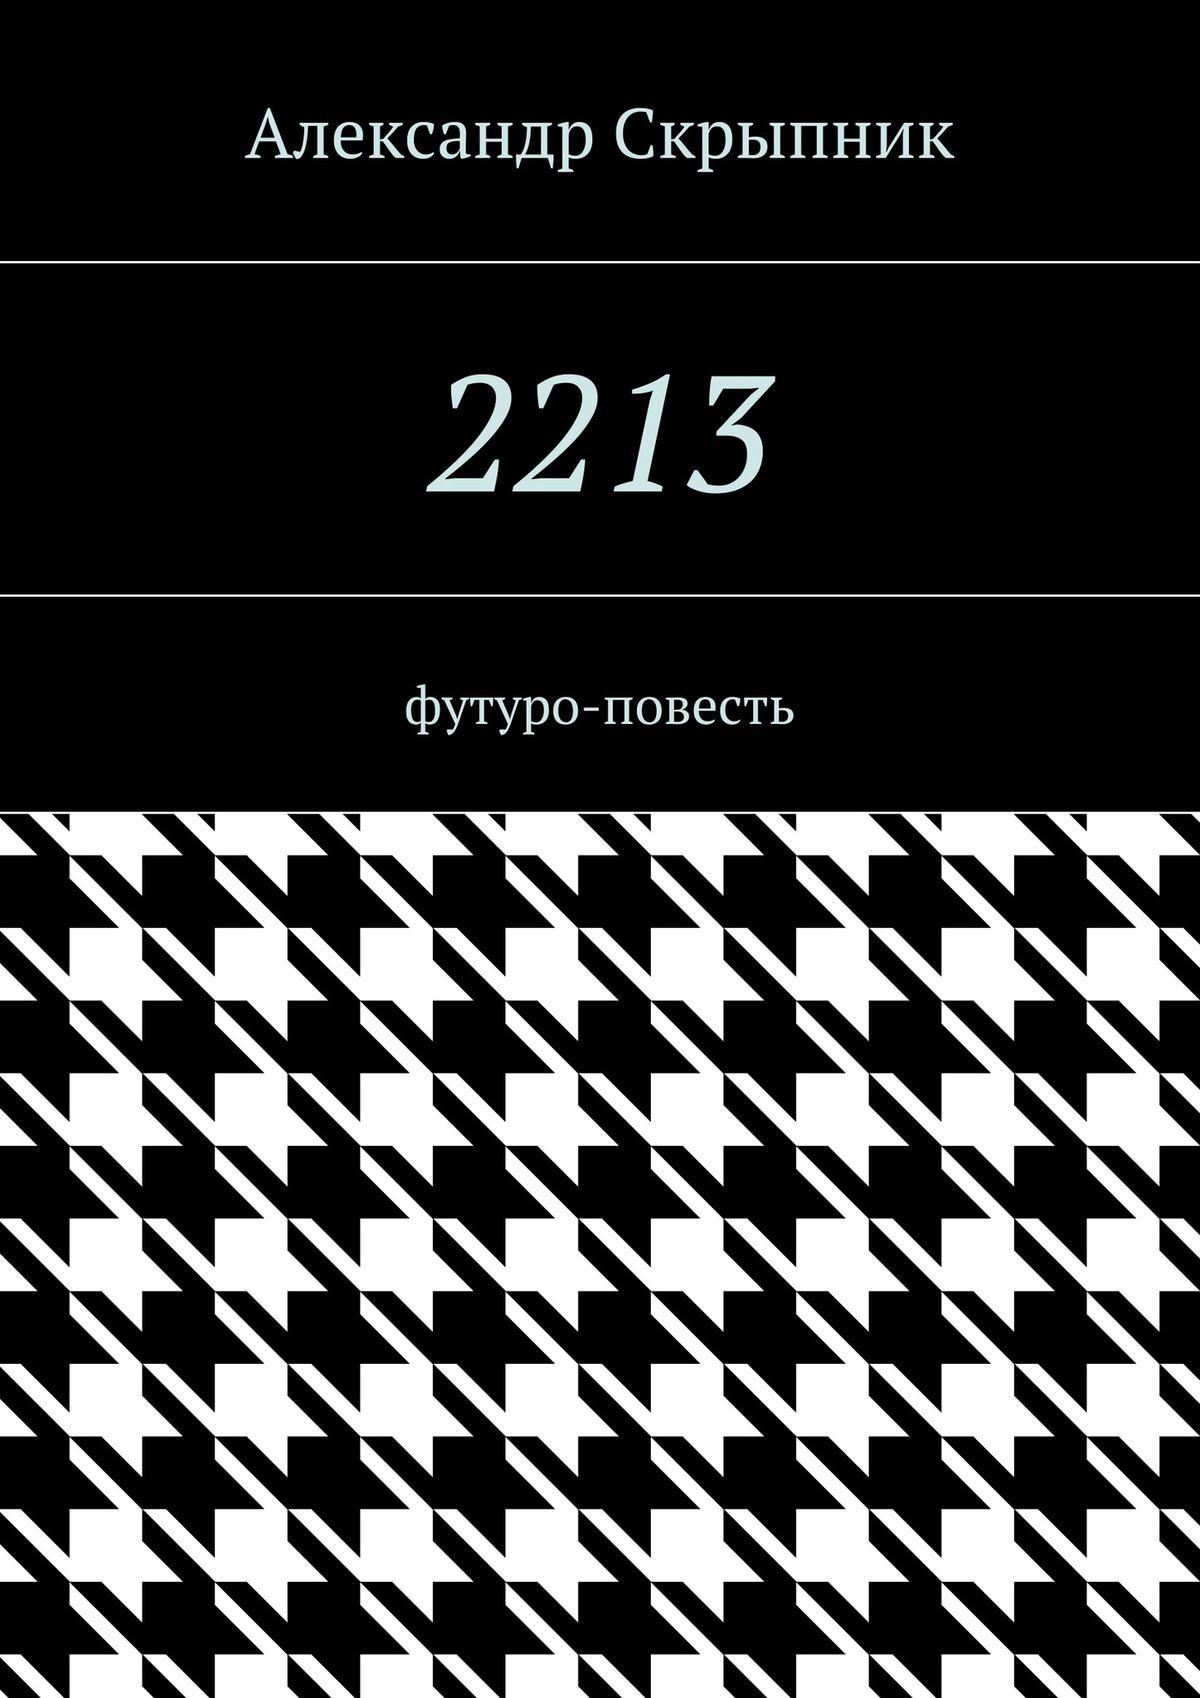 Фото - Александр Павлович Скрыпник 2213. футуро-повесть каку м будущее разума